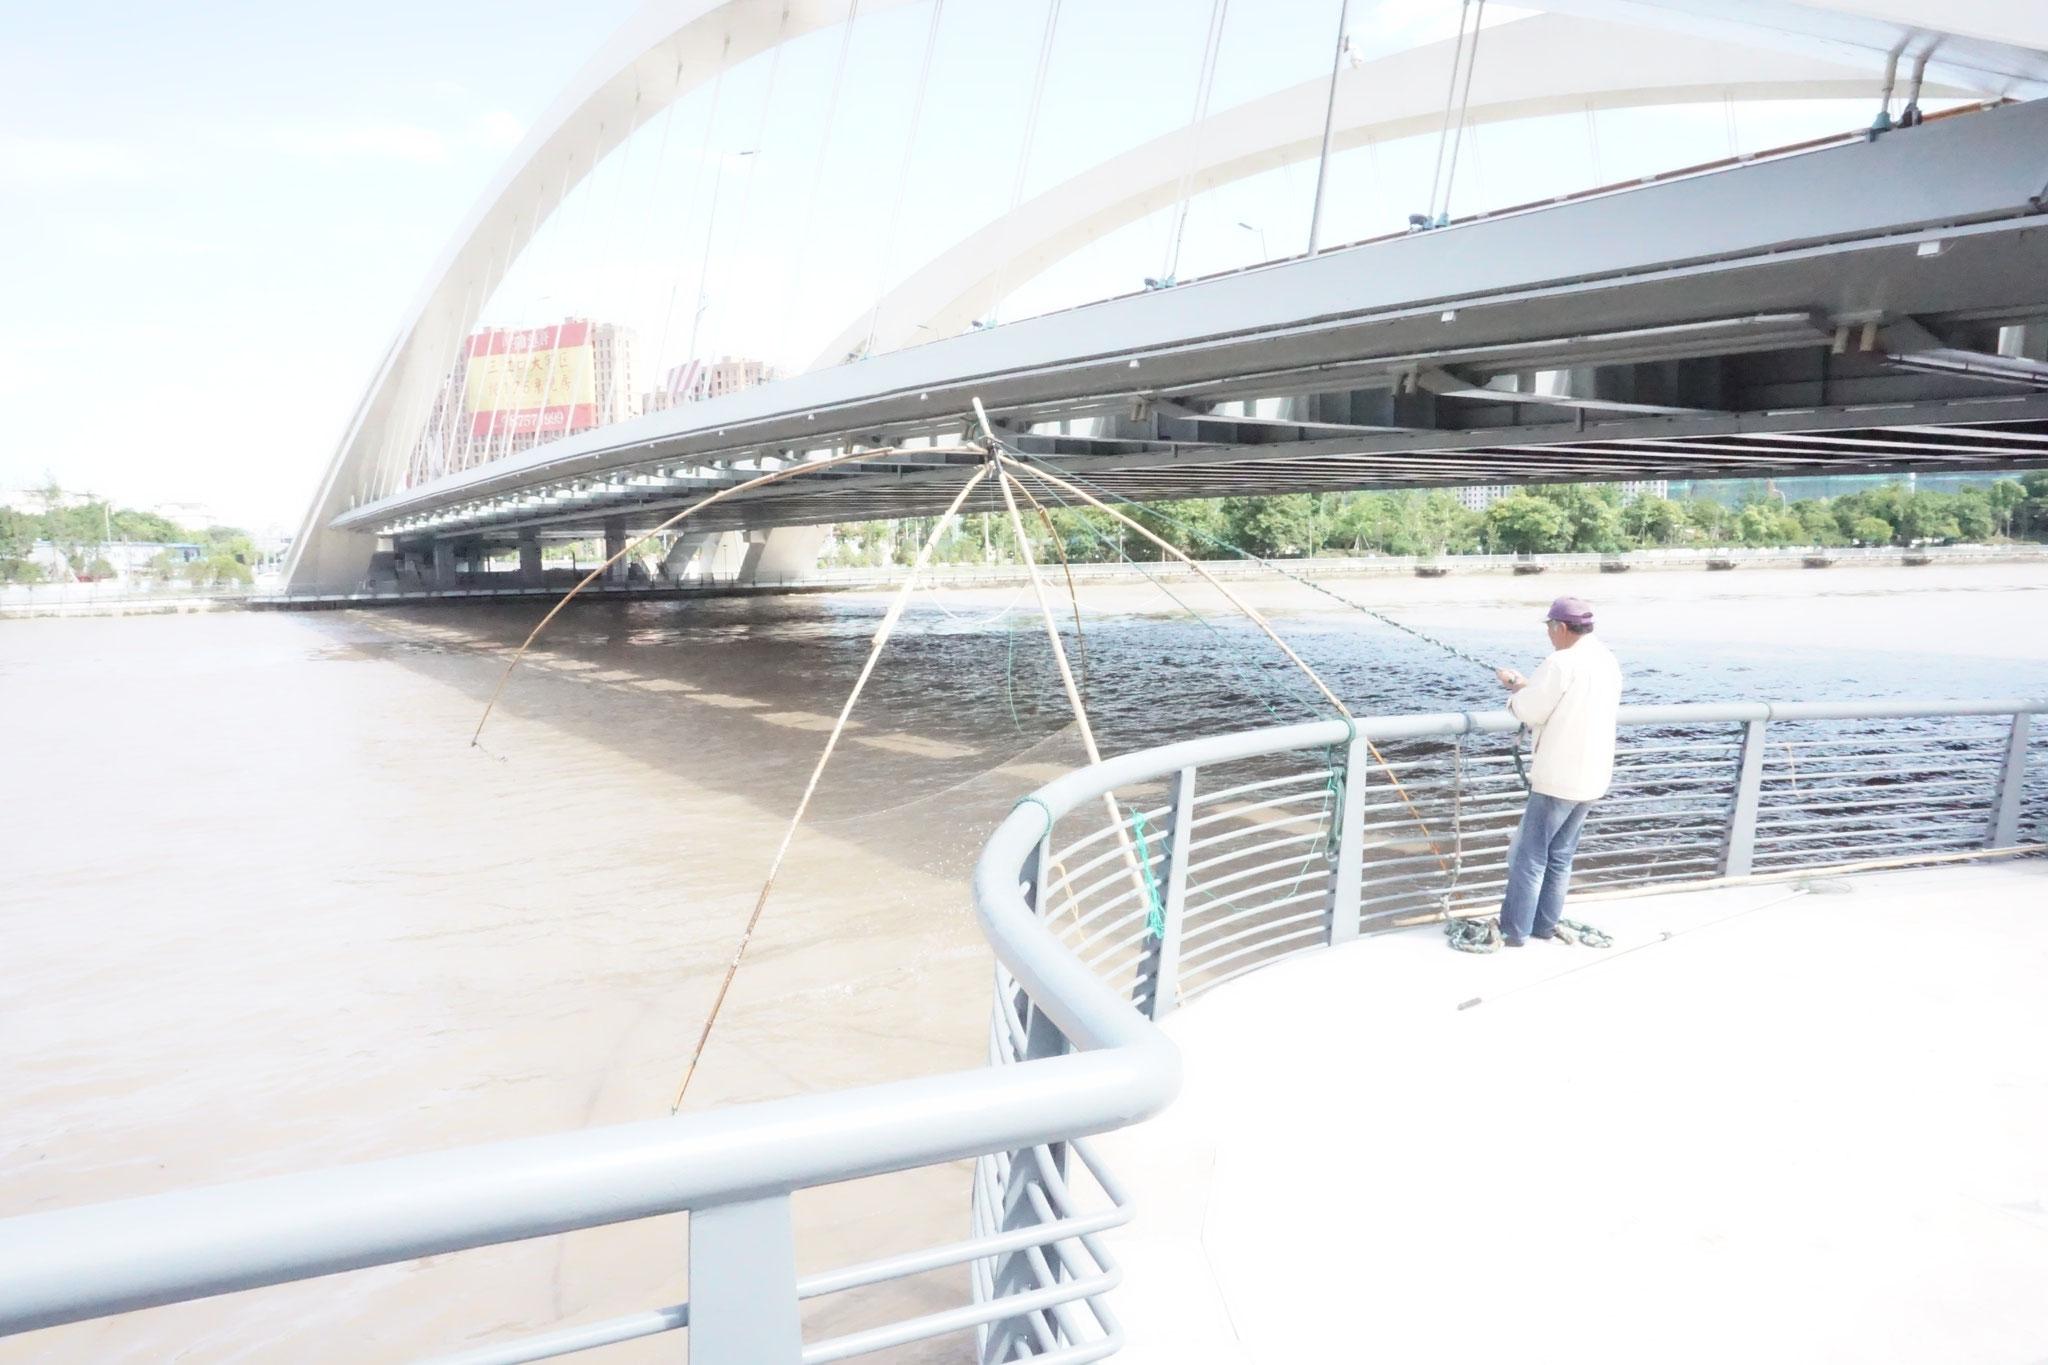 Schleppnetz an der neuen Uferpromenade